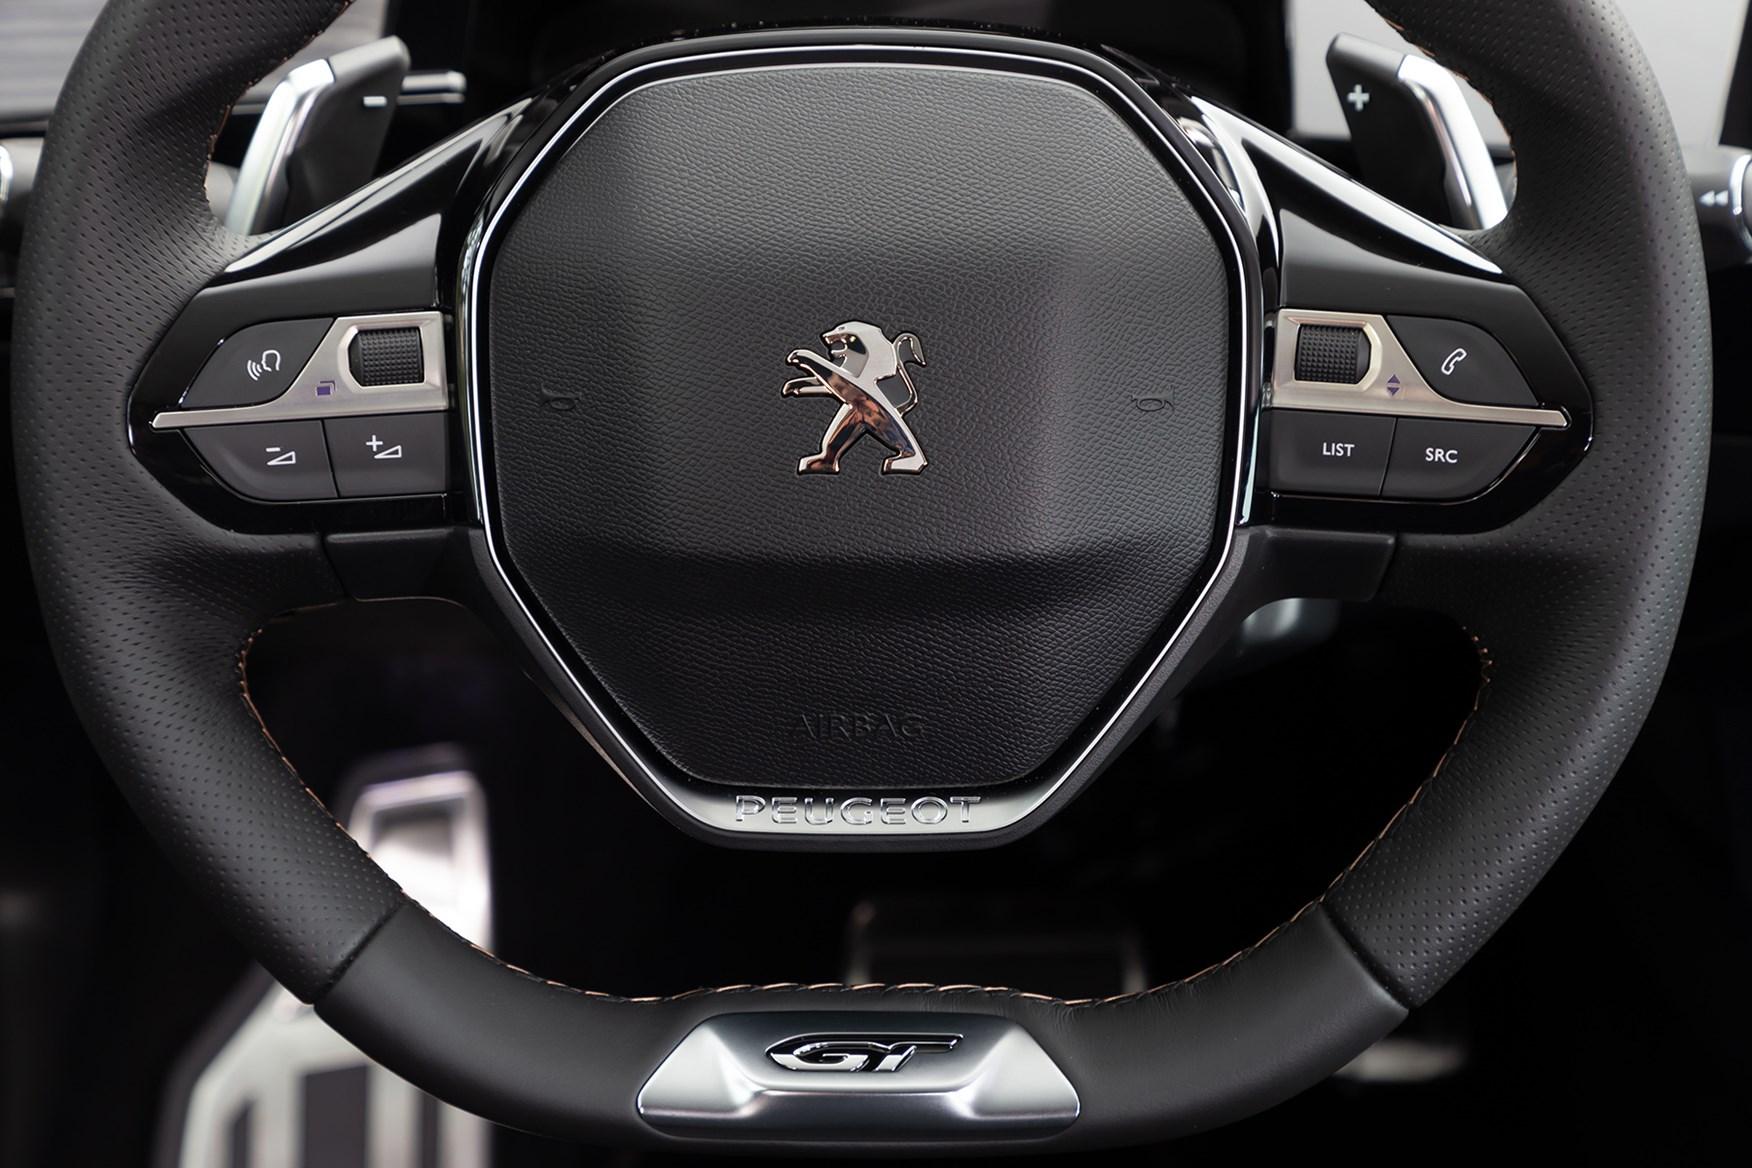 Peugeot Gt